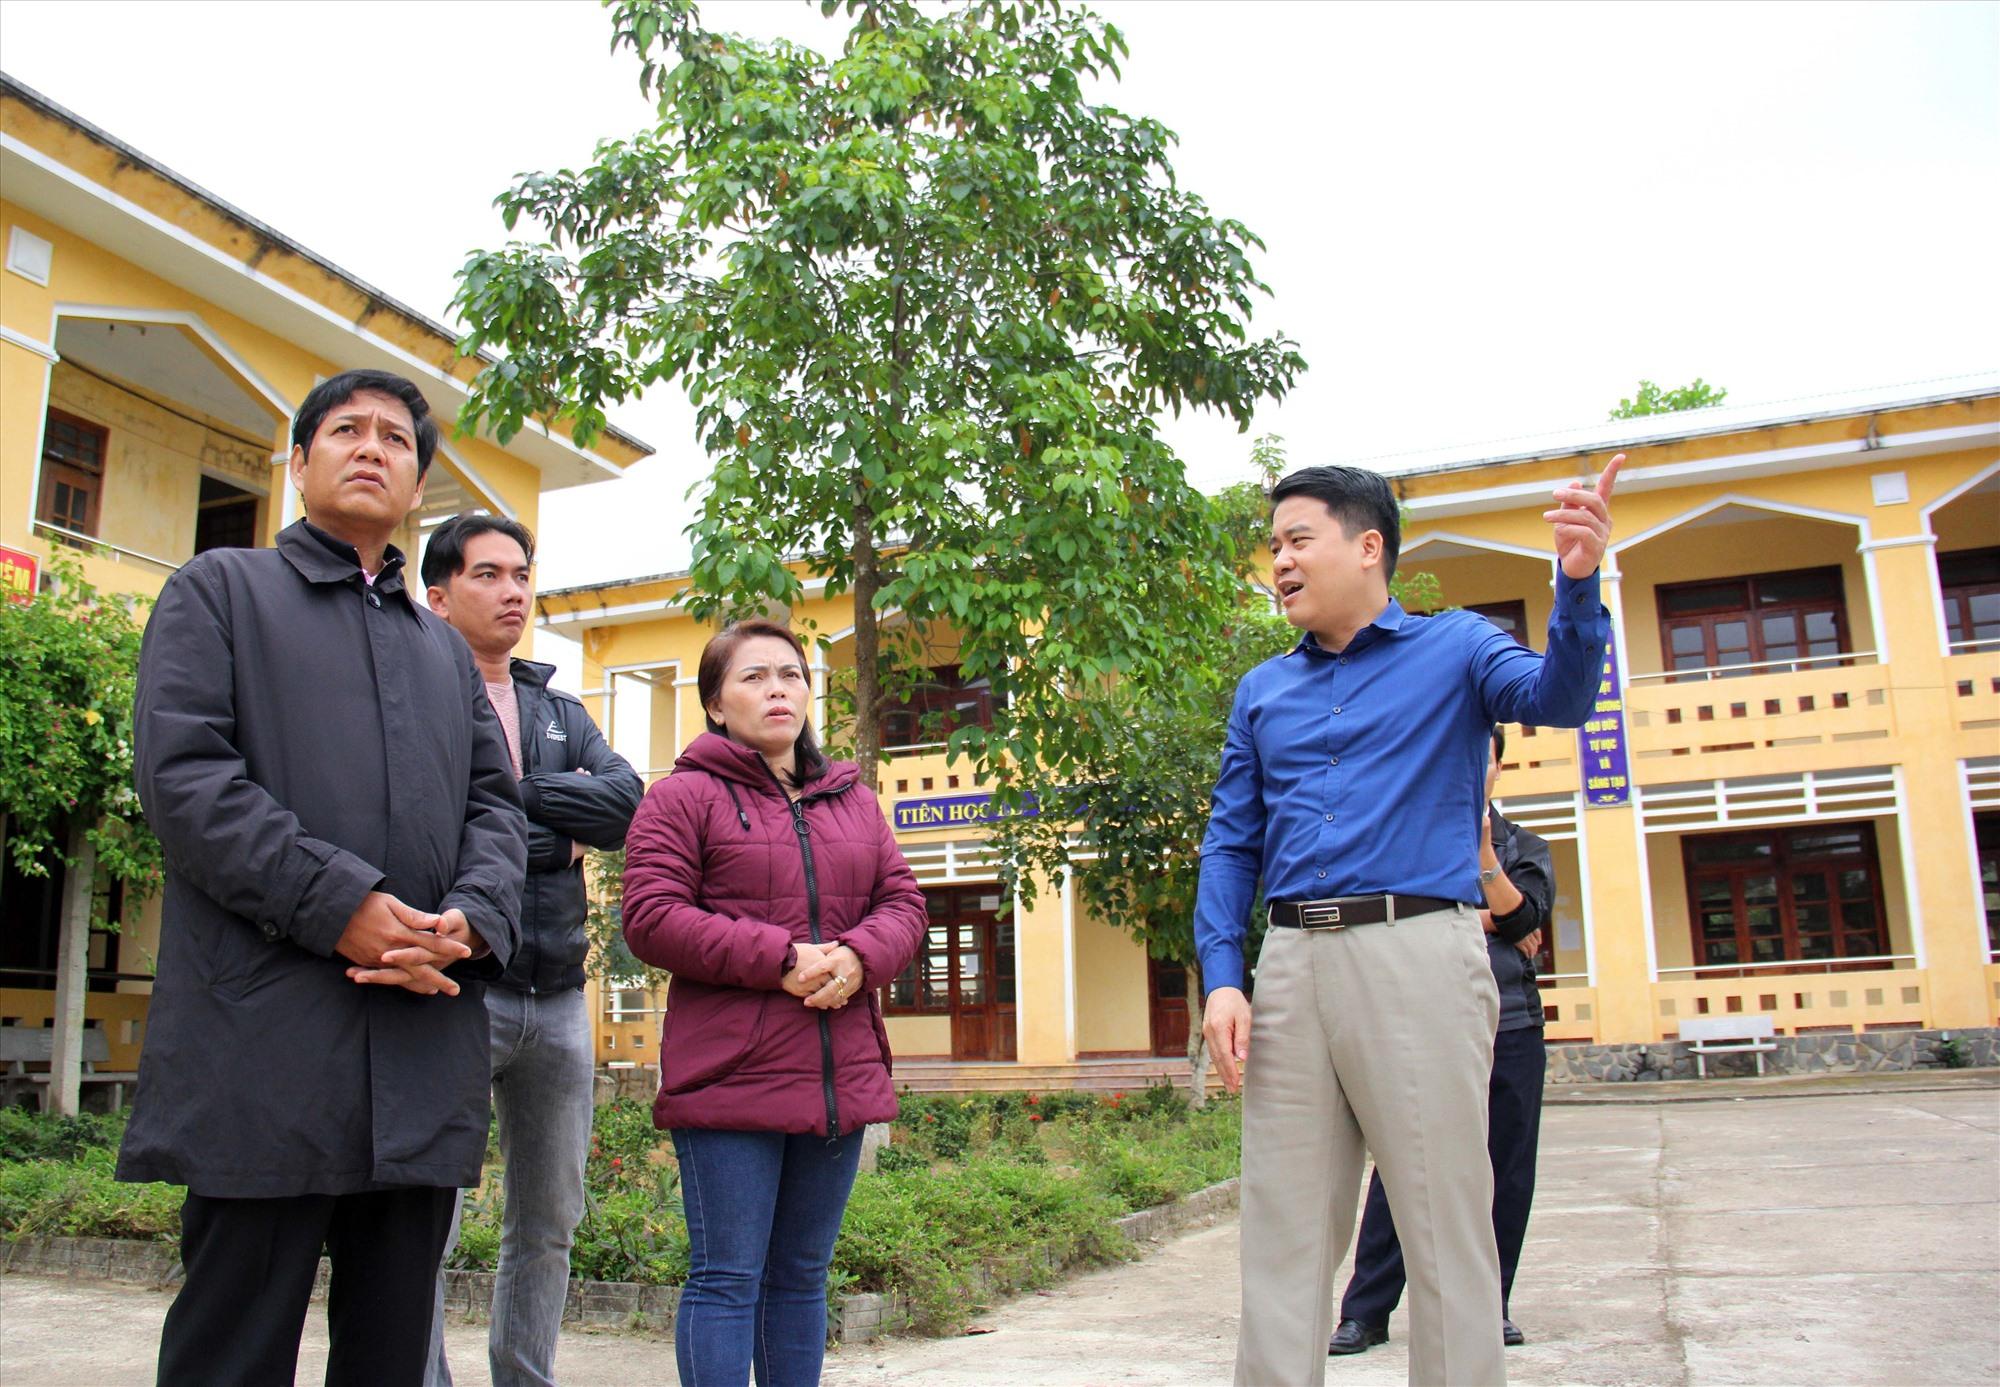 Phó Chủ tịch UBND tỉnh Trần Văn Tân kiểm tra hệ thống cơ sở giáo dục tại Nam Giang. Ảnh: Đ.N